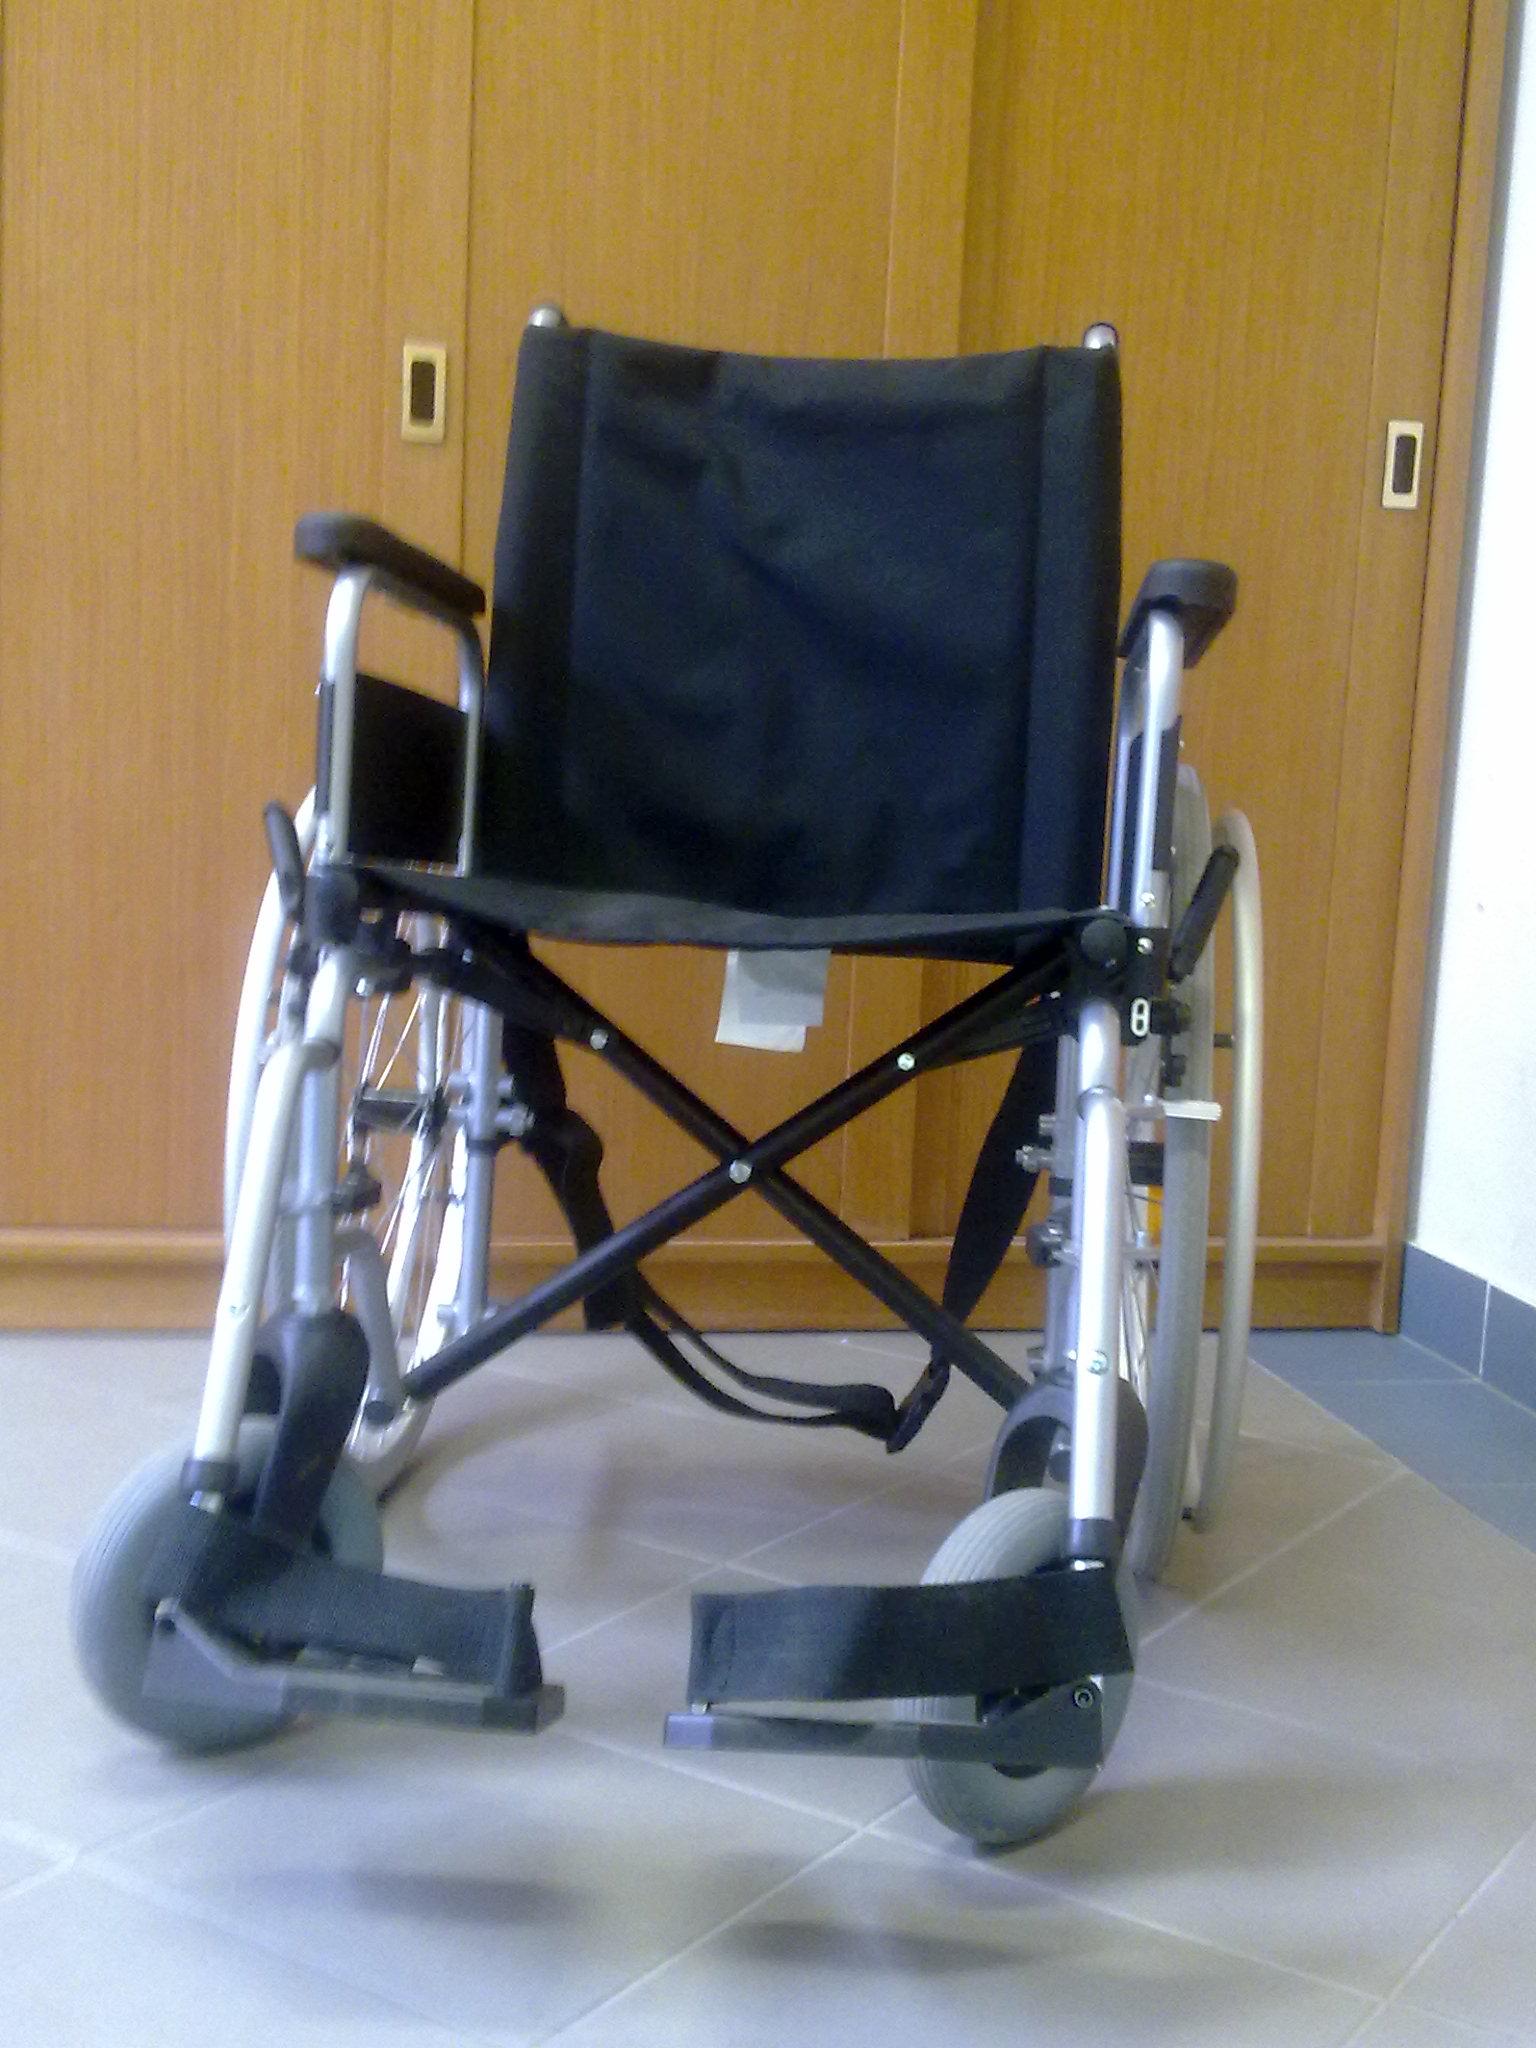 Invalidní vozík: 15,-Kč/den